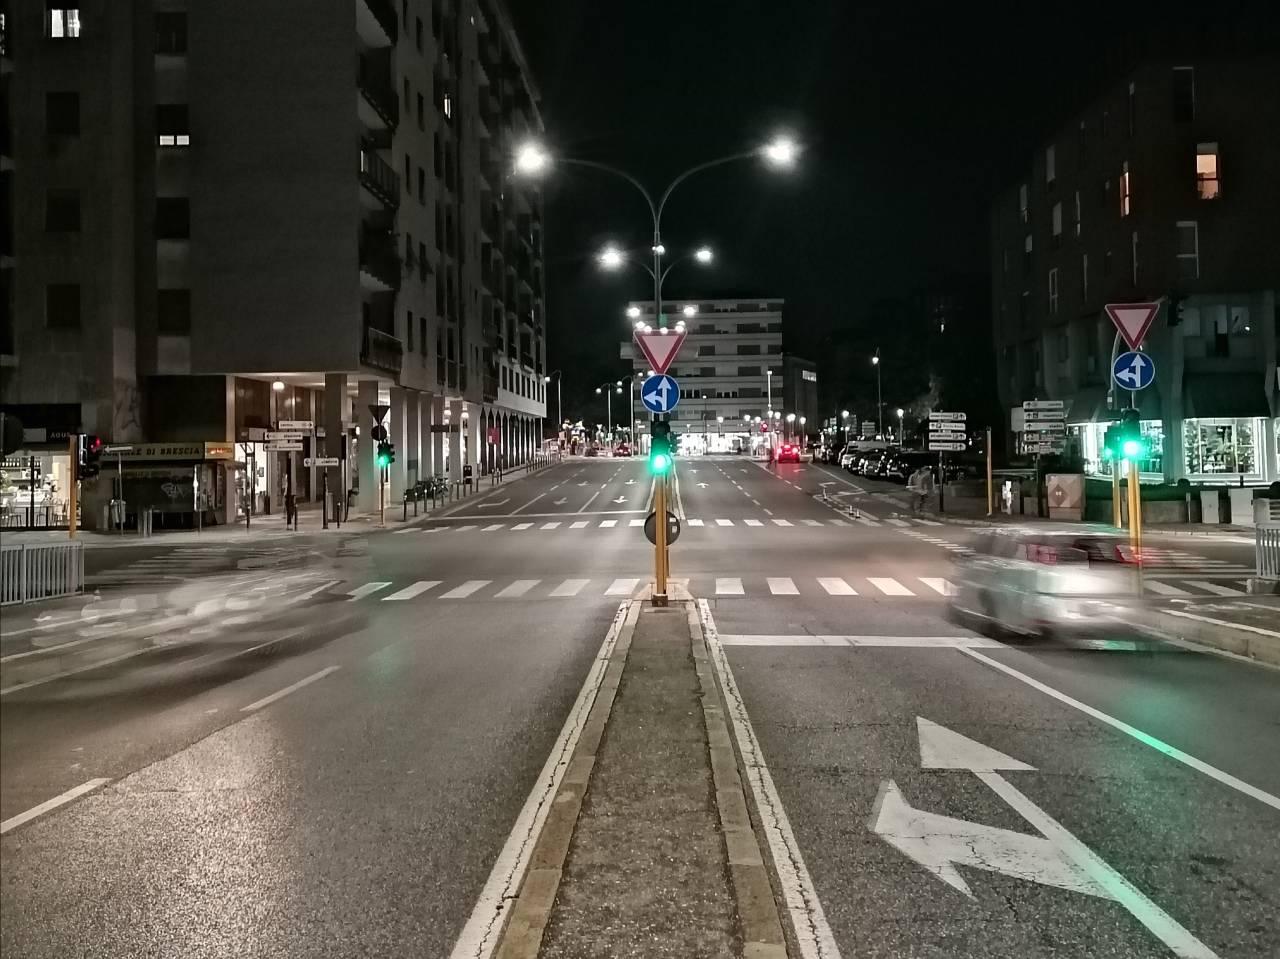 Brescia strada deserta fine turno rider bicicletta